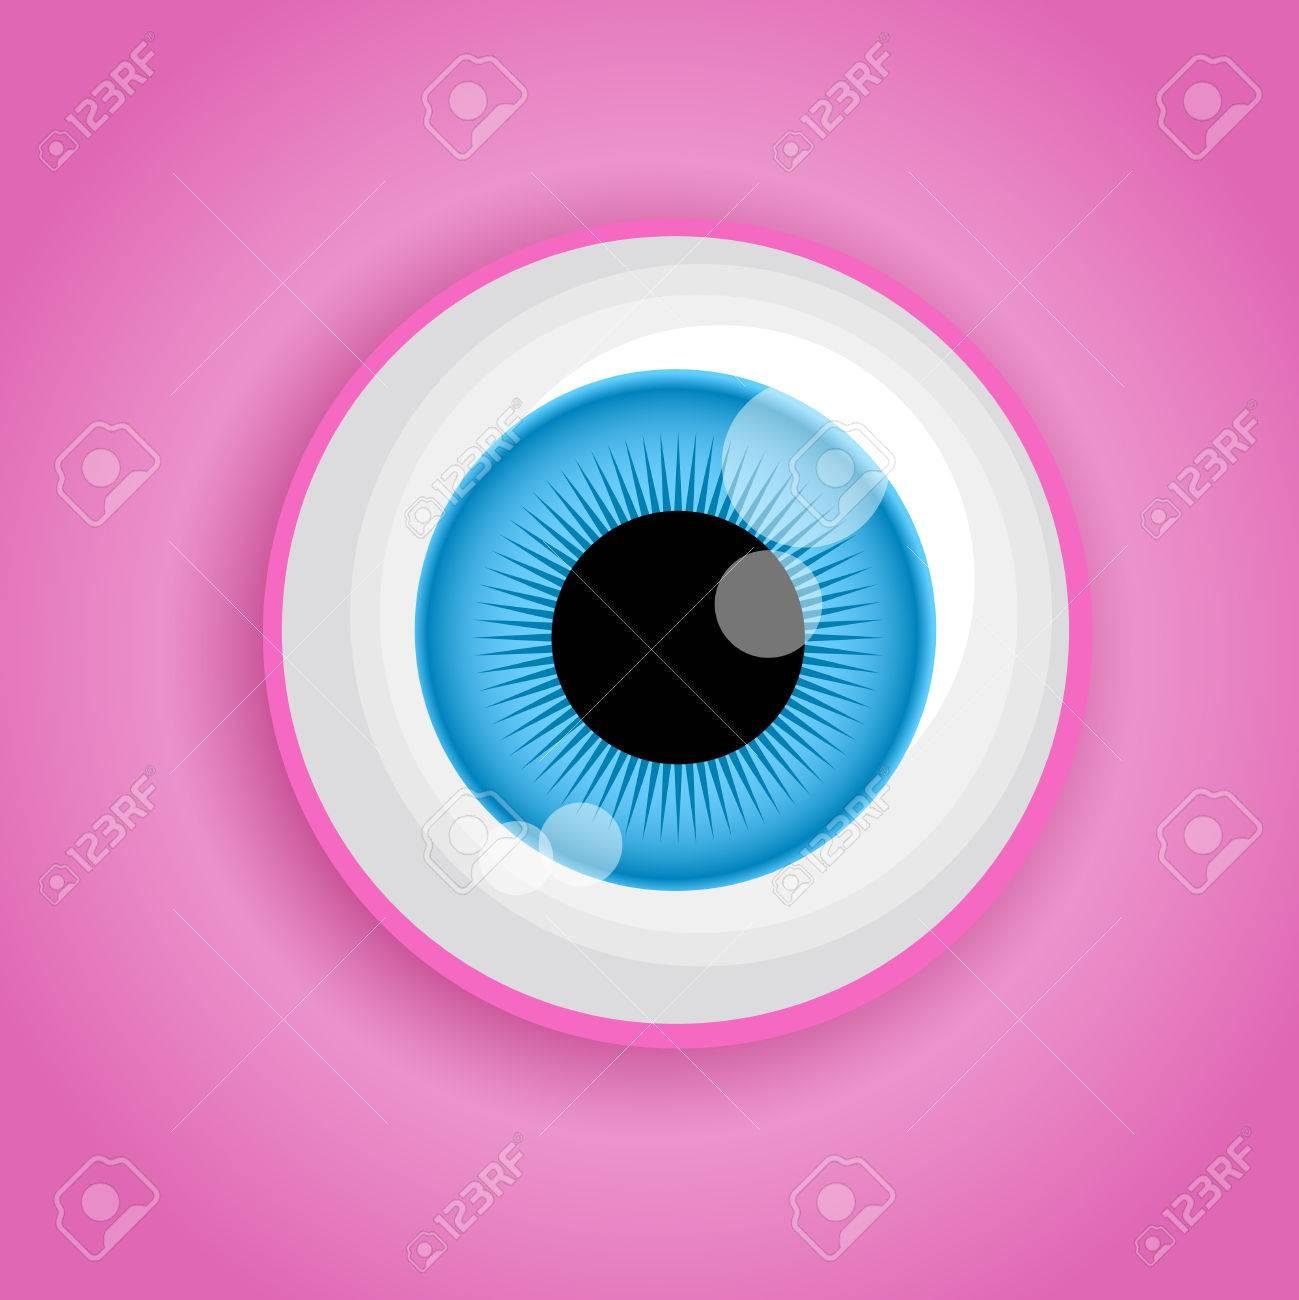 Hintergrund Mit Cartoon-Monster Auge In Rosa Farben. Vektor ...